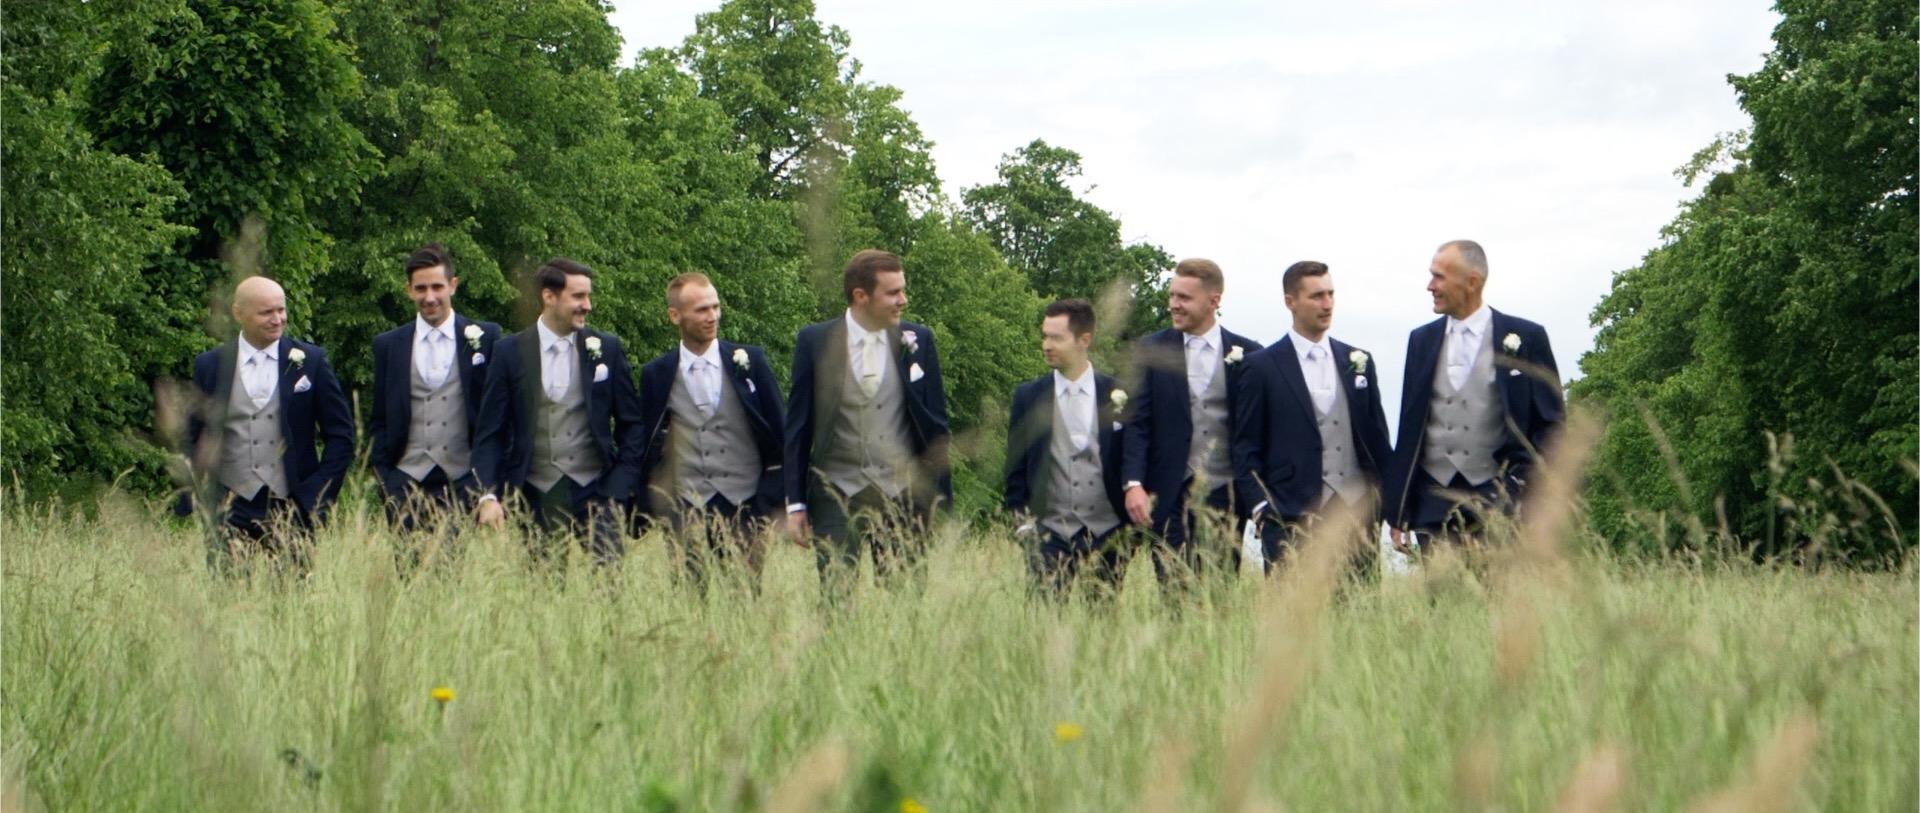 Groomsmen Walk Video Essex Weddings.jpg